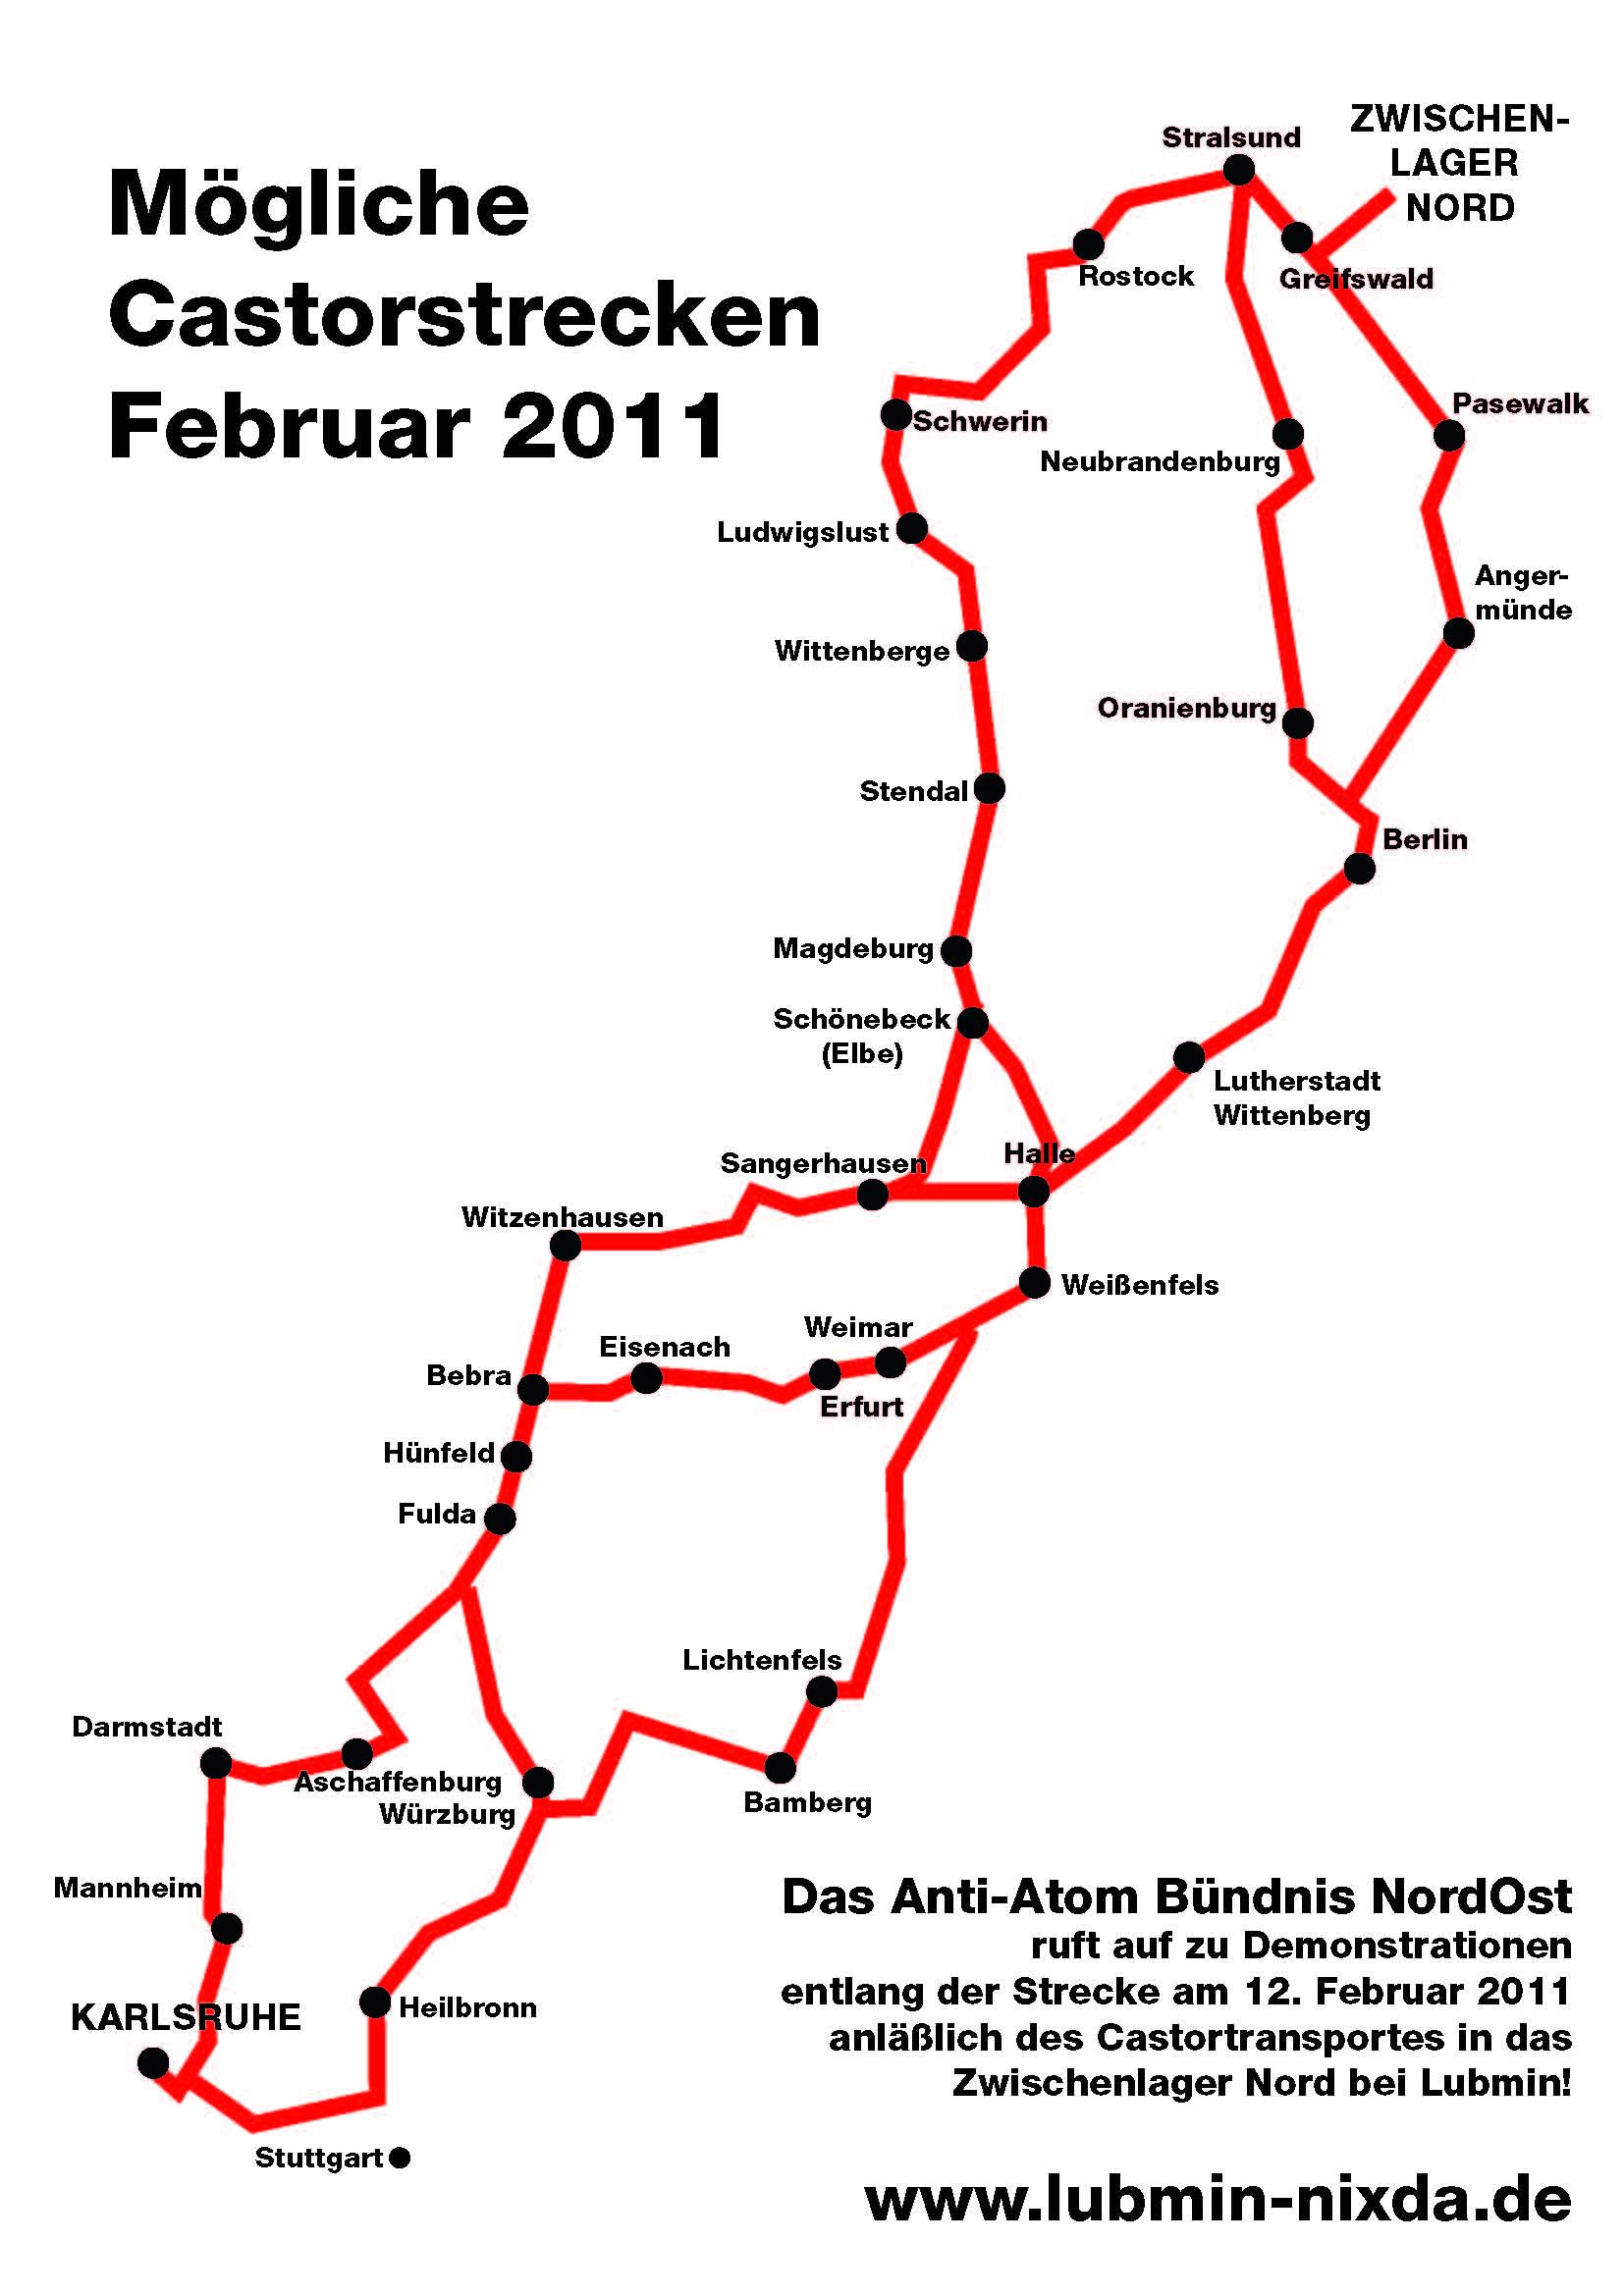 Castor Strecken Februar 2010 Karlsruhe - Lubmin